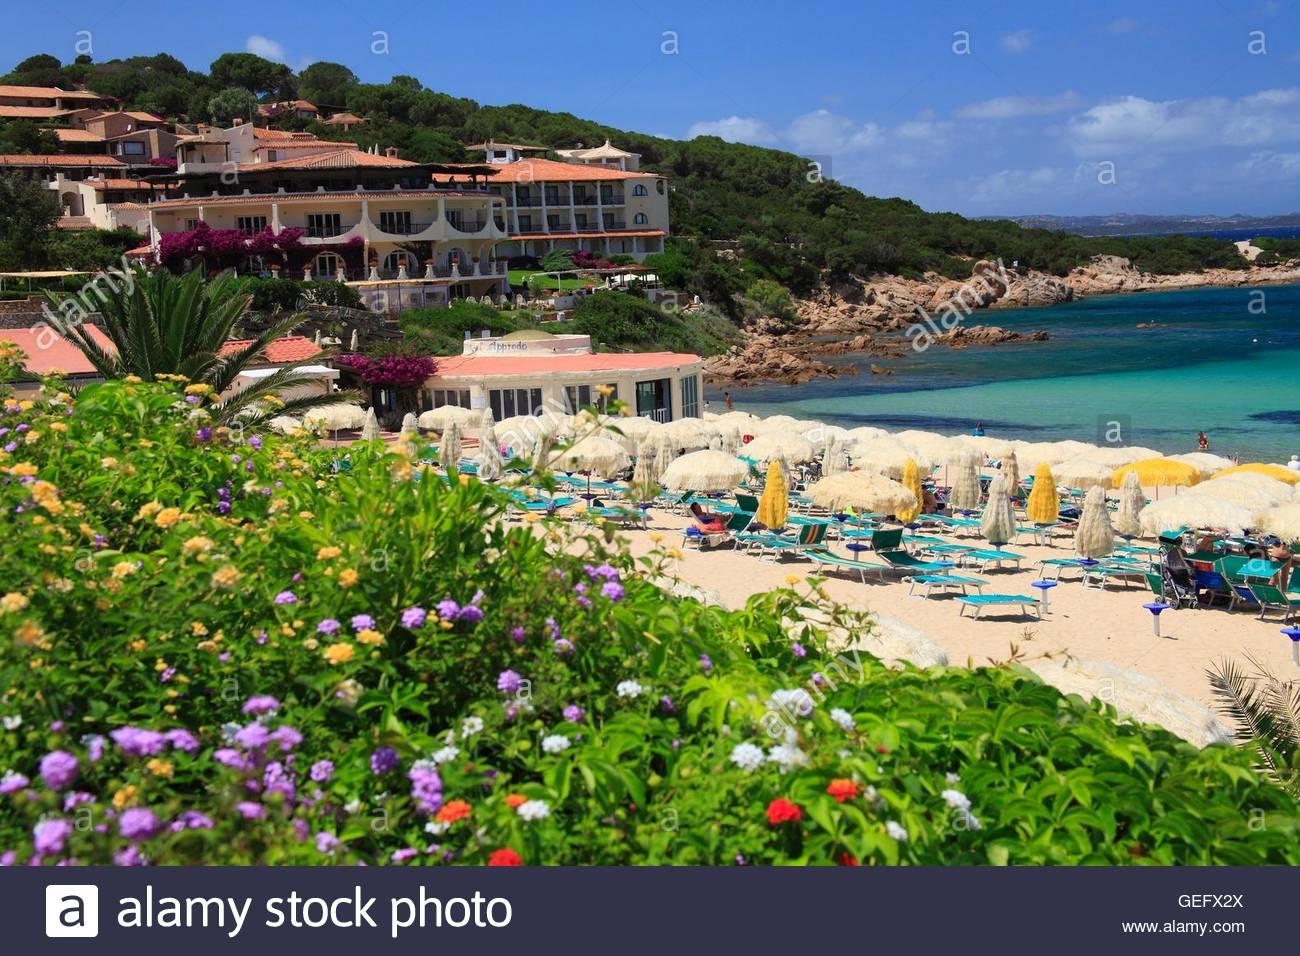 Baia Sardinia at the Costa Smeralda, Sardinia Stock Photo, Royalty ...